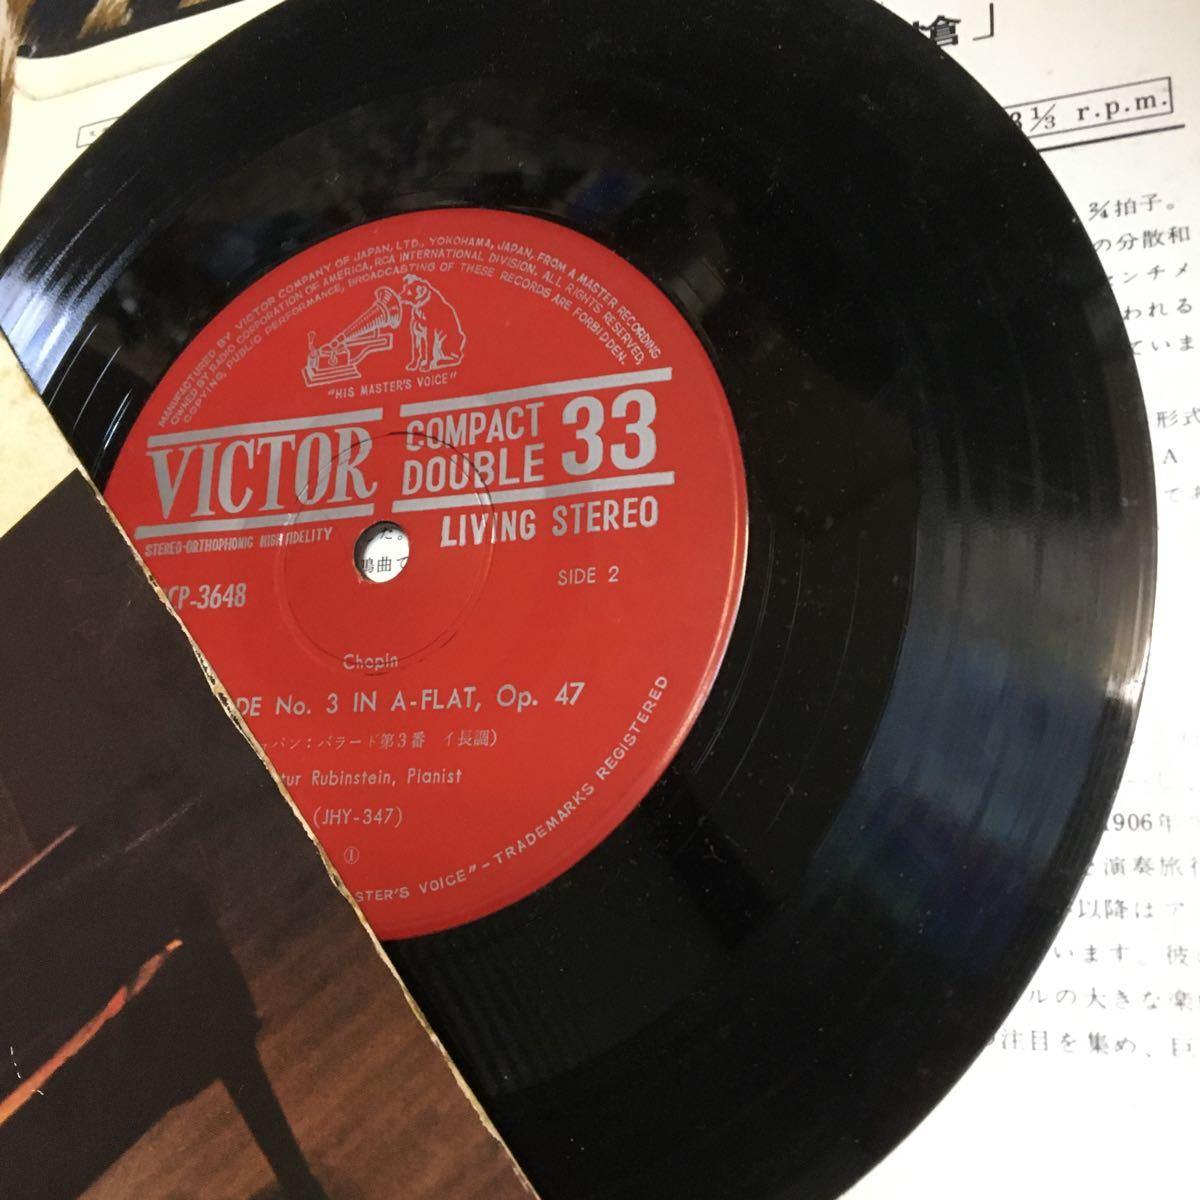 【ベートーヴェン ショパン】ピアノ シングル SCP-3648 3573 OSS-14-AD コロンビア ビクター クラシック レコード 33回転【19/11 B-1】_画像6